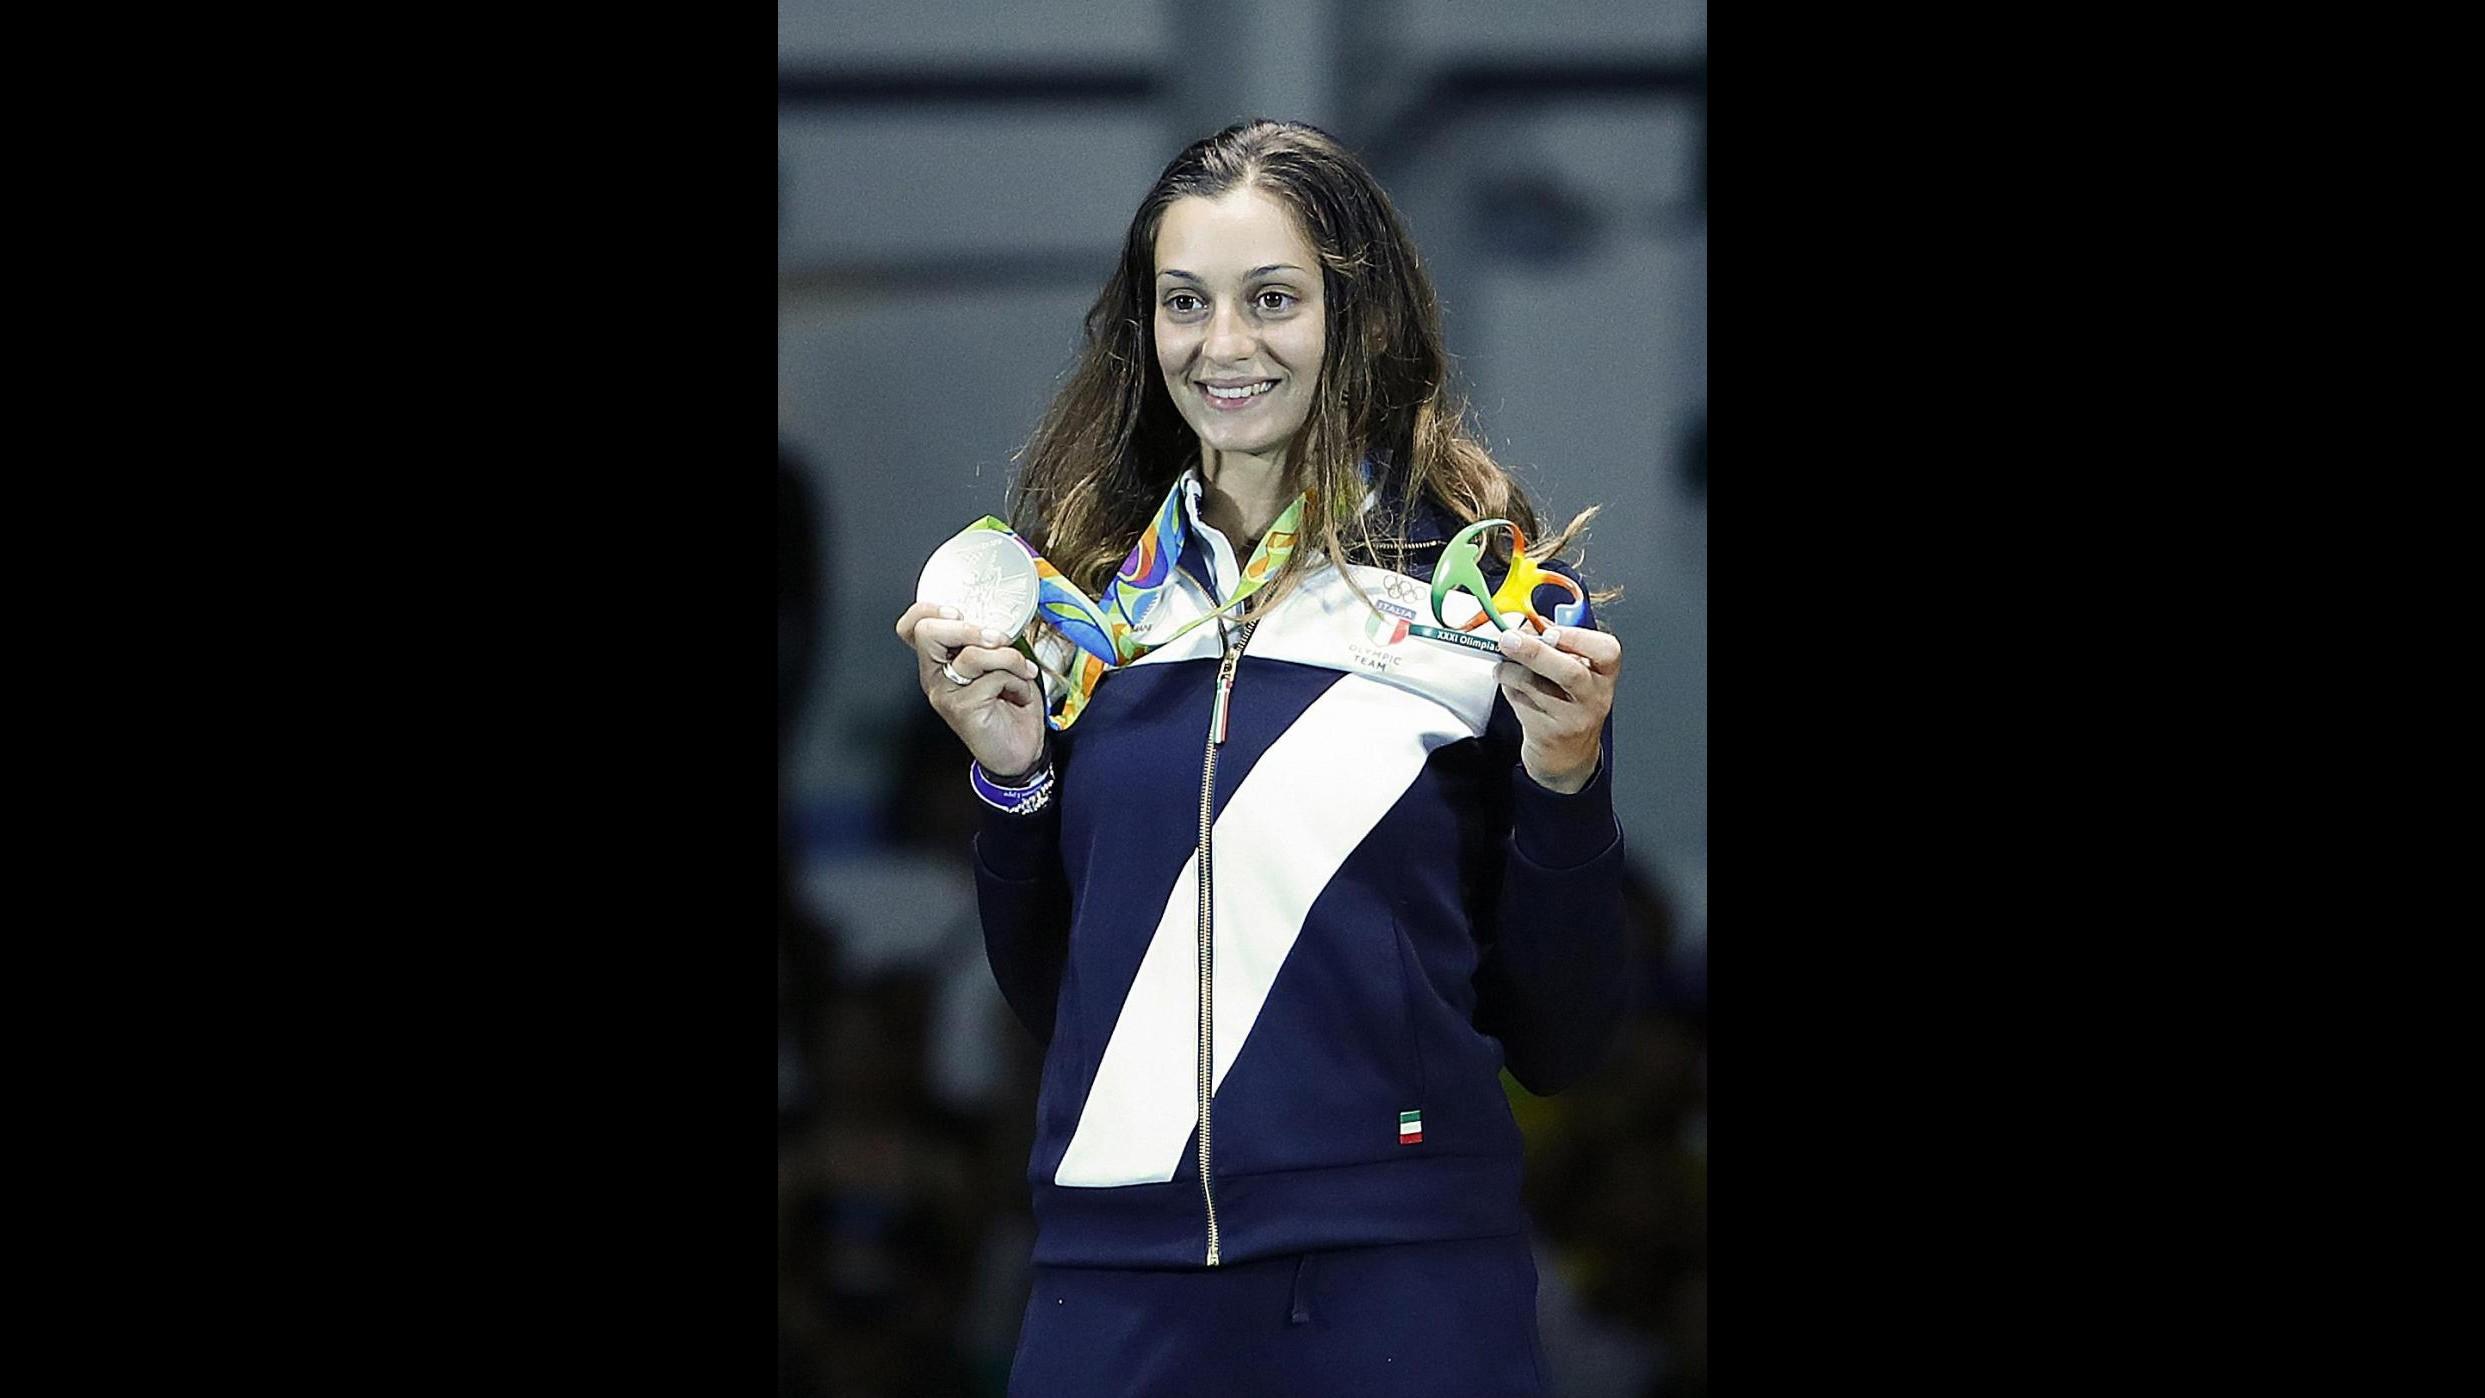 FOTO Rio 2016, nella spada femminile prima medaglia Italia